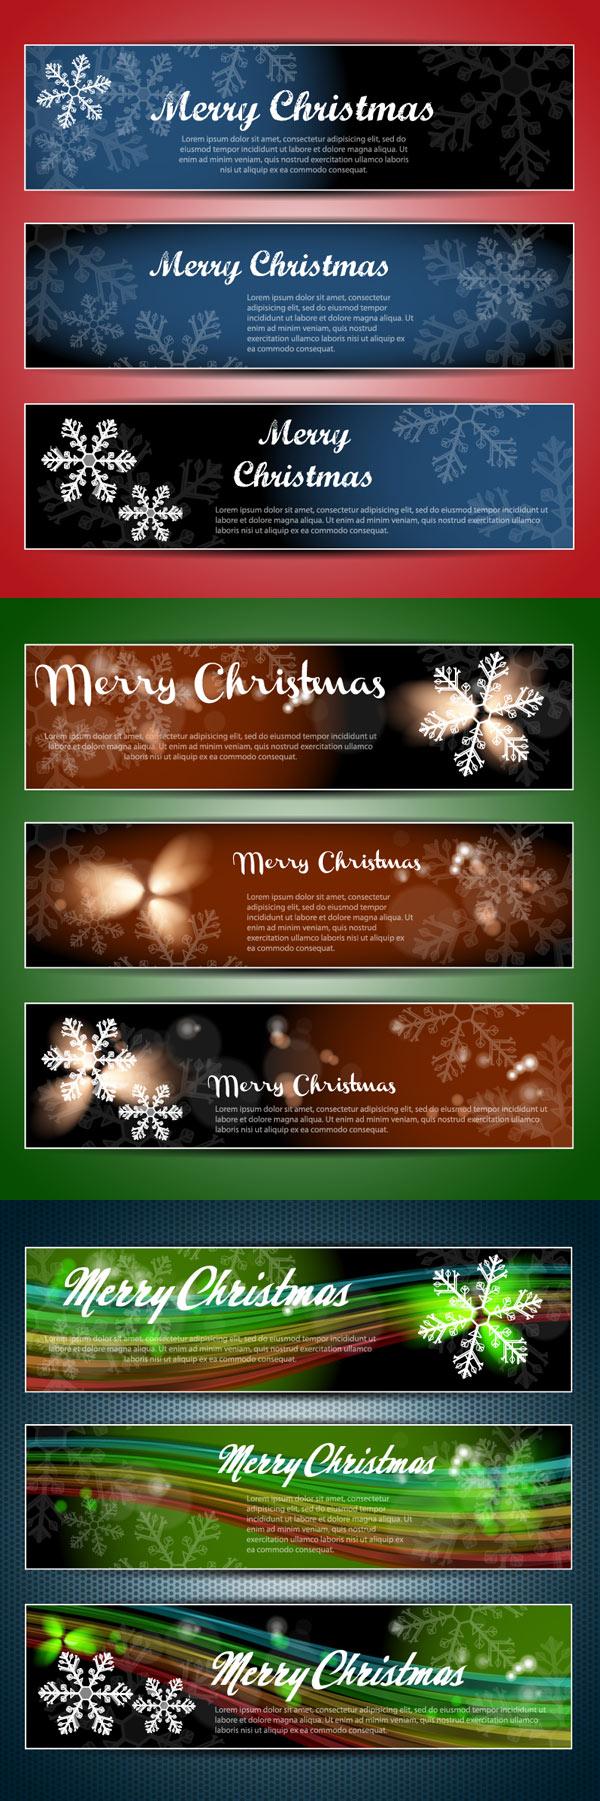 圣诞节banner